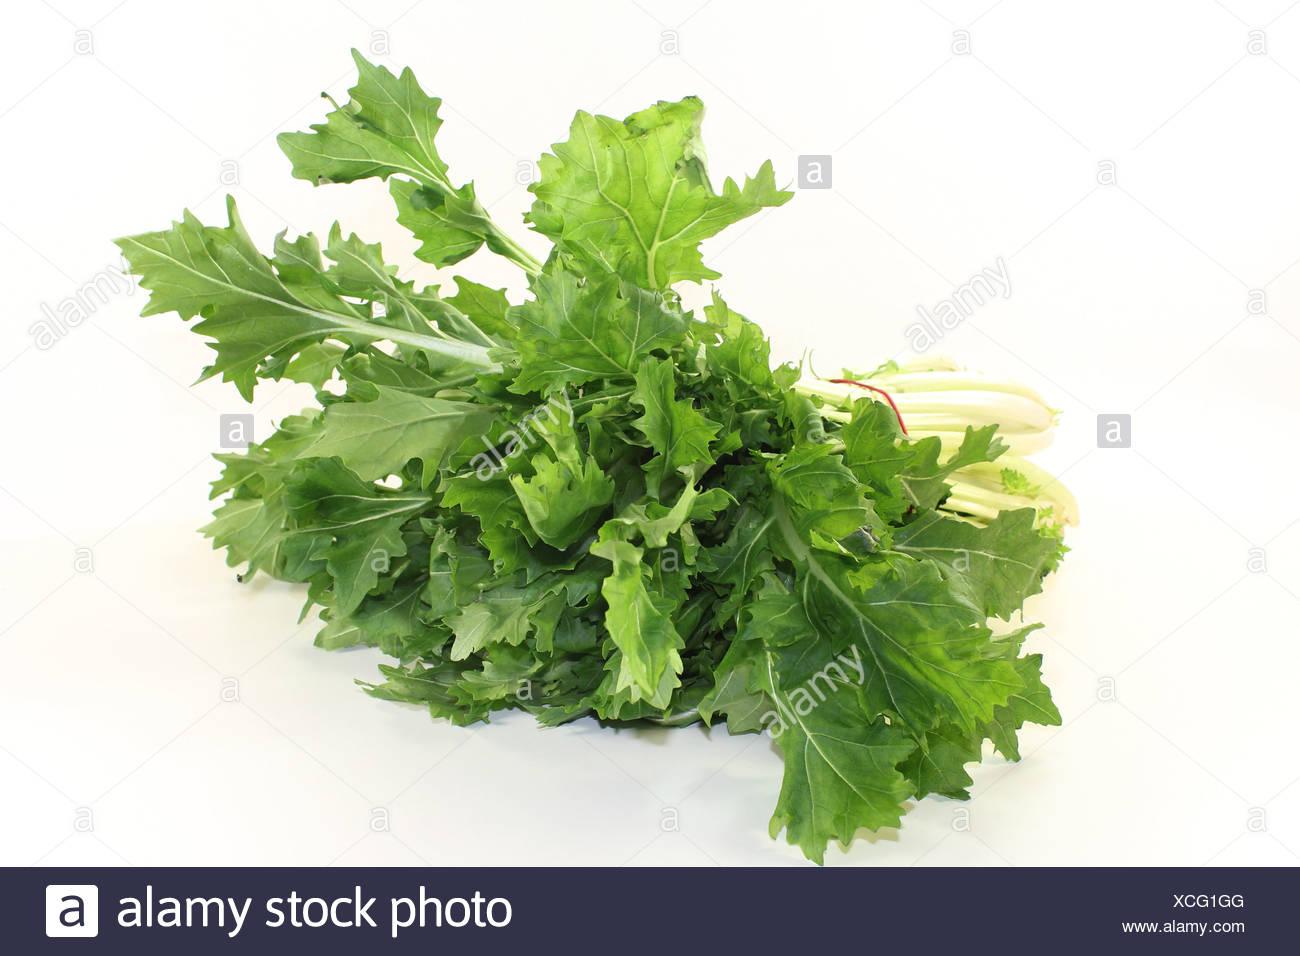 turnip greens Stock Photo